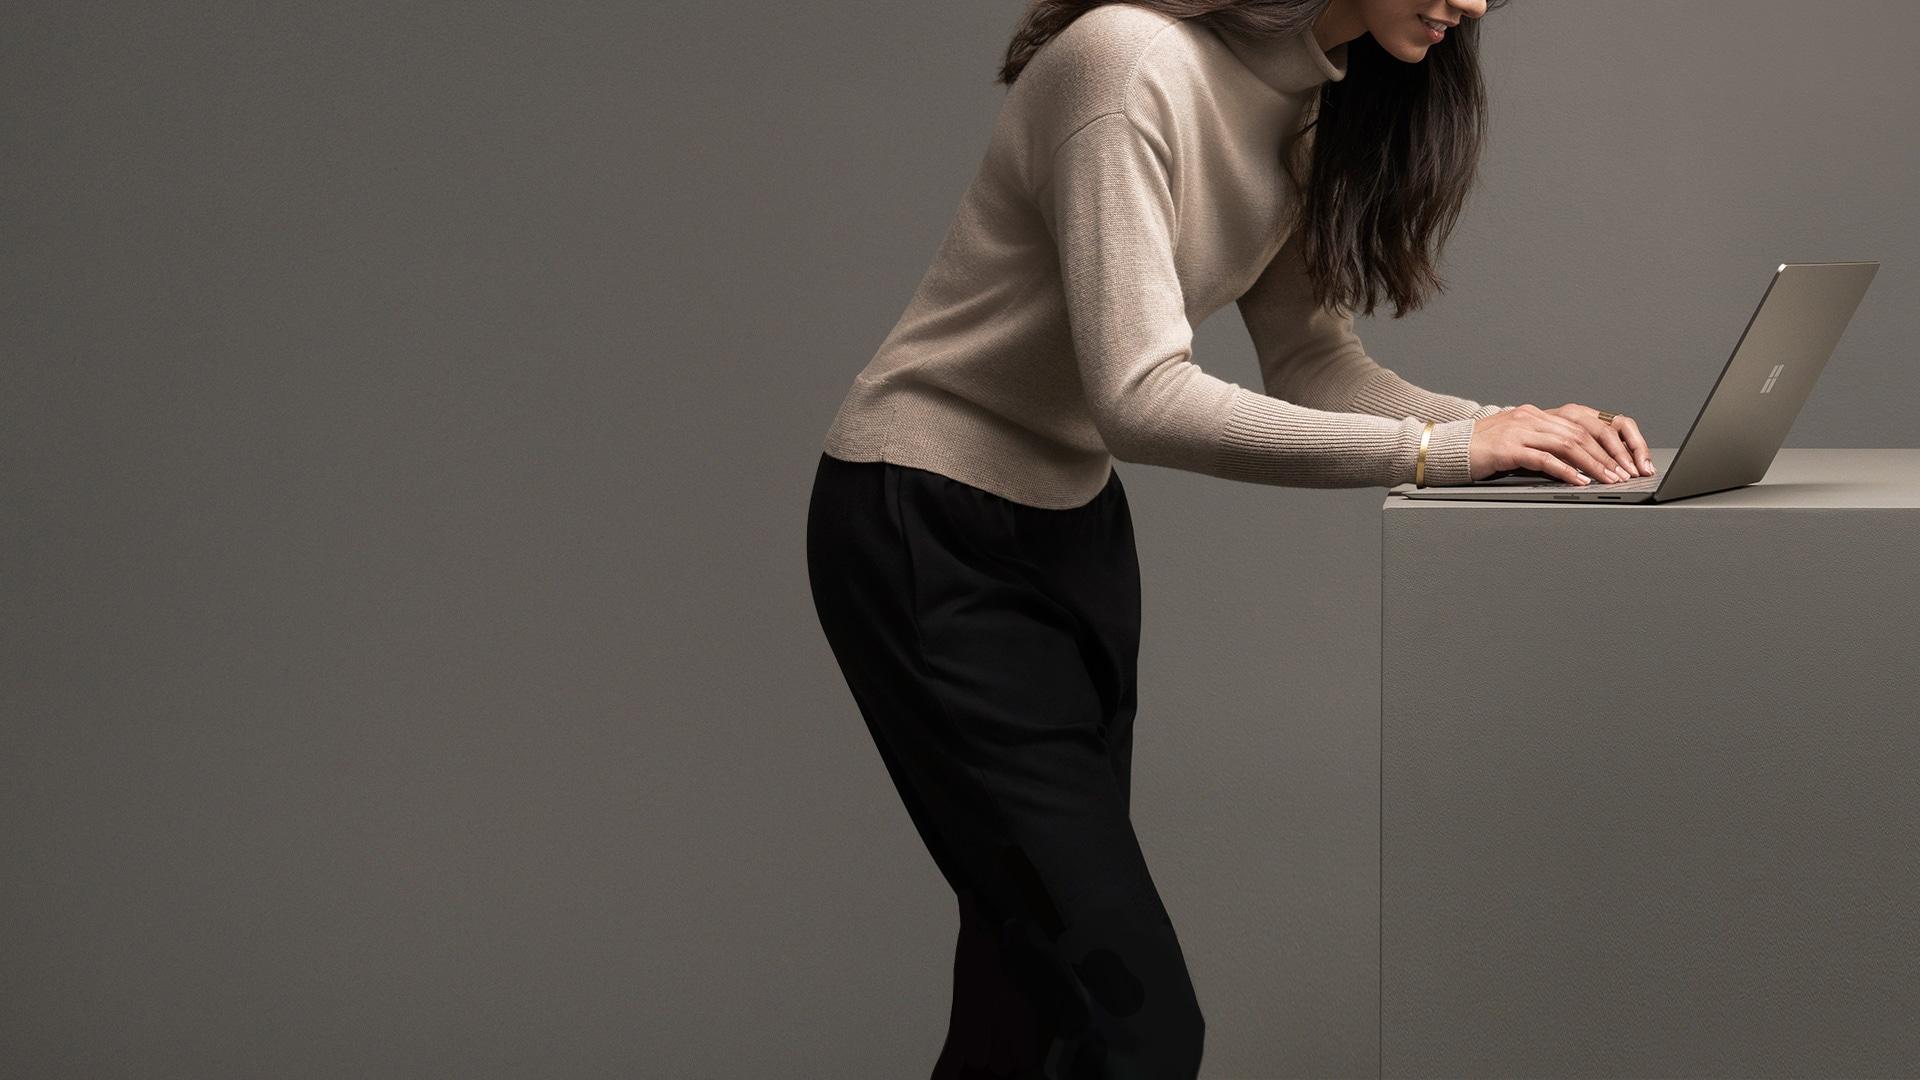 女人在墨金色 Surface Laptop 上打字。